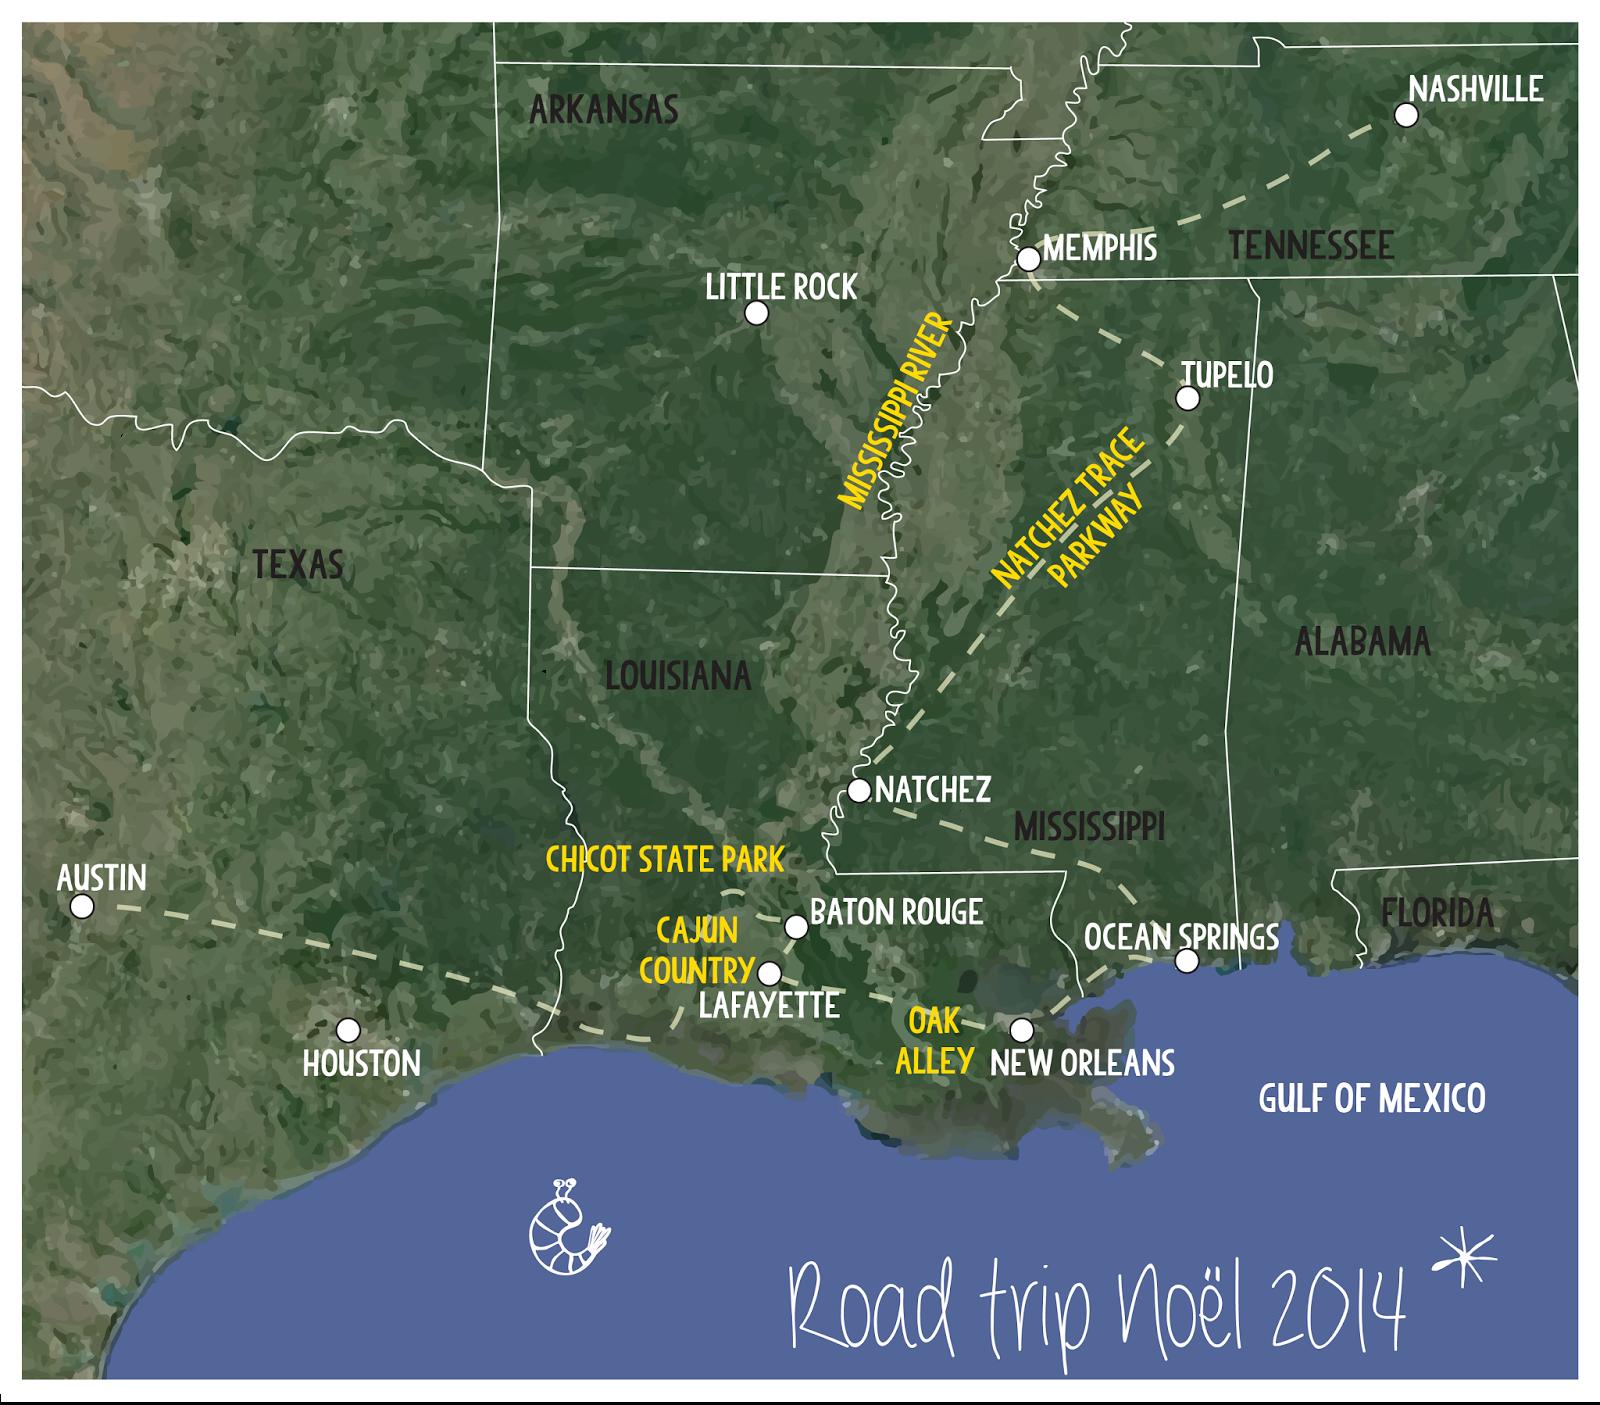 Road trip - Sud des Etats Unis - USA